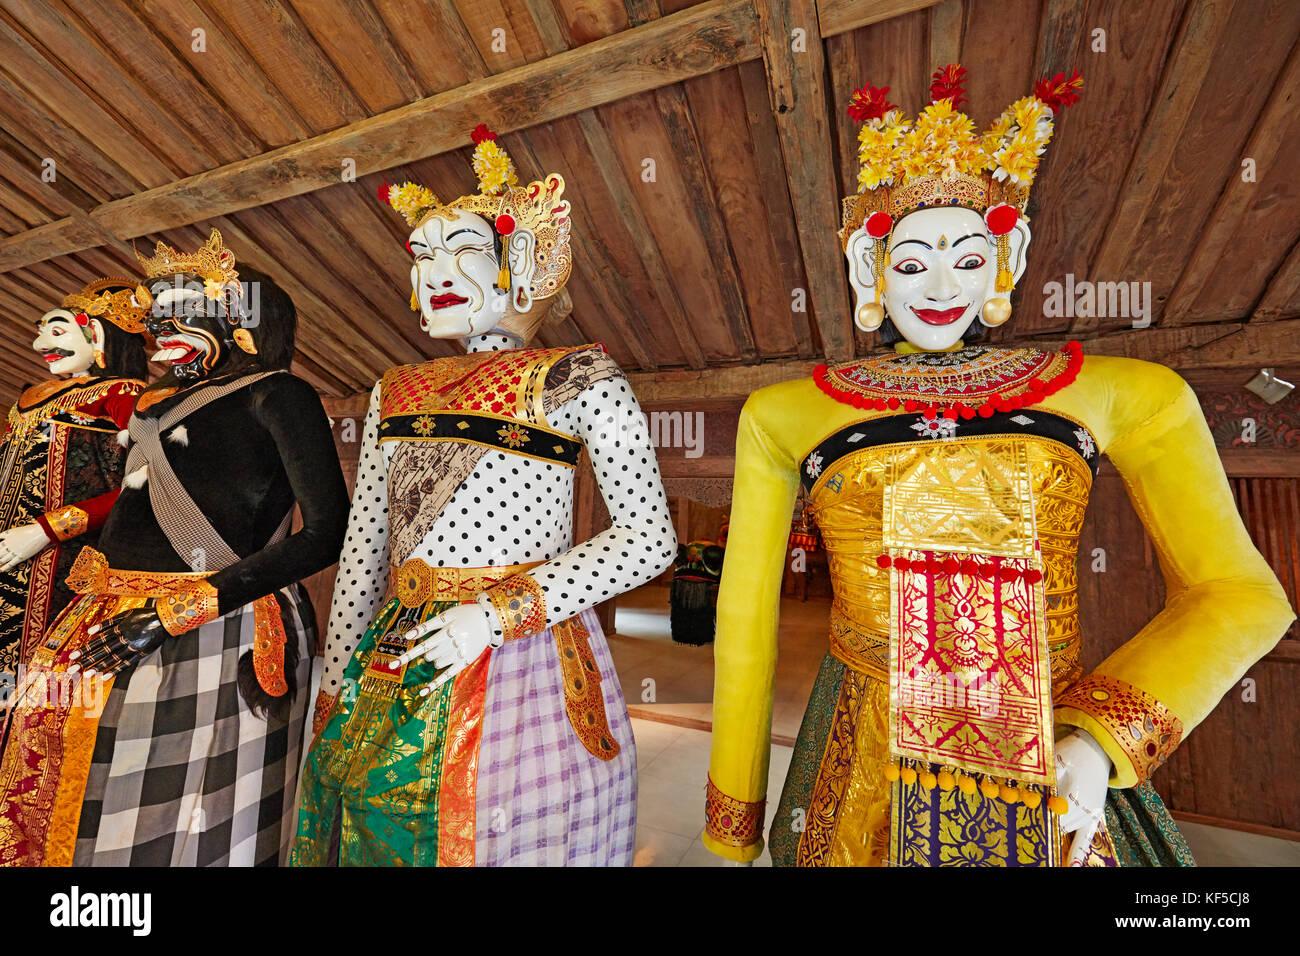 Barong landung, marionetas balinesas tradicionales. setia darma casa de máscaras y marionetas, mas, Ubud, Bali, Imagen De Stock